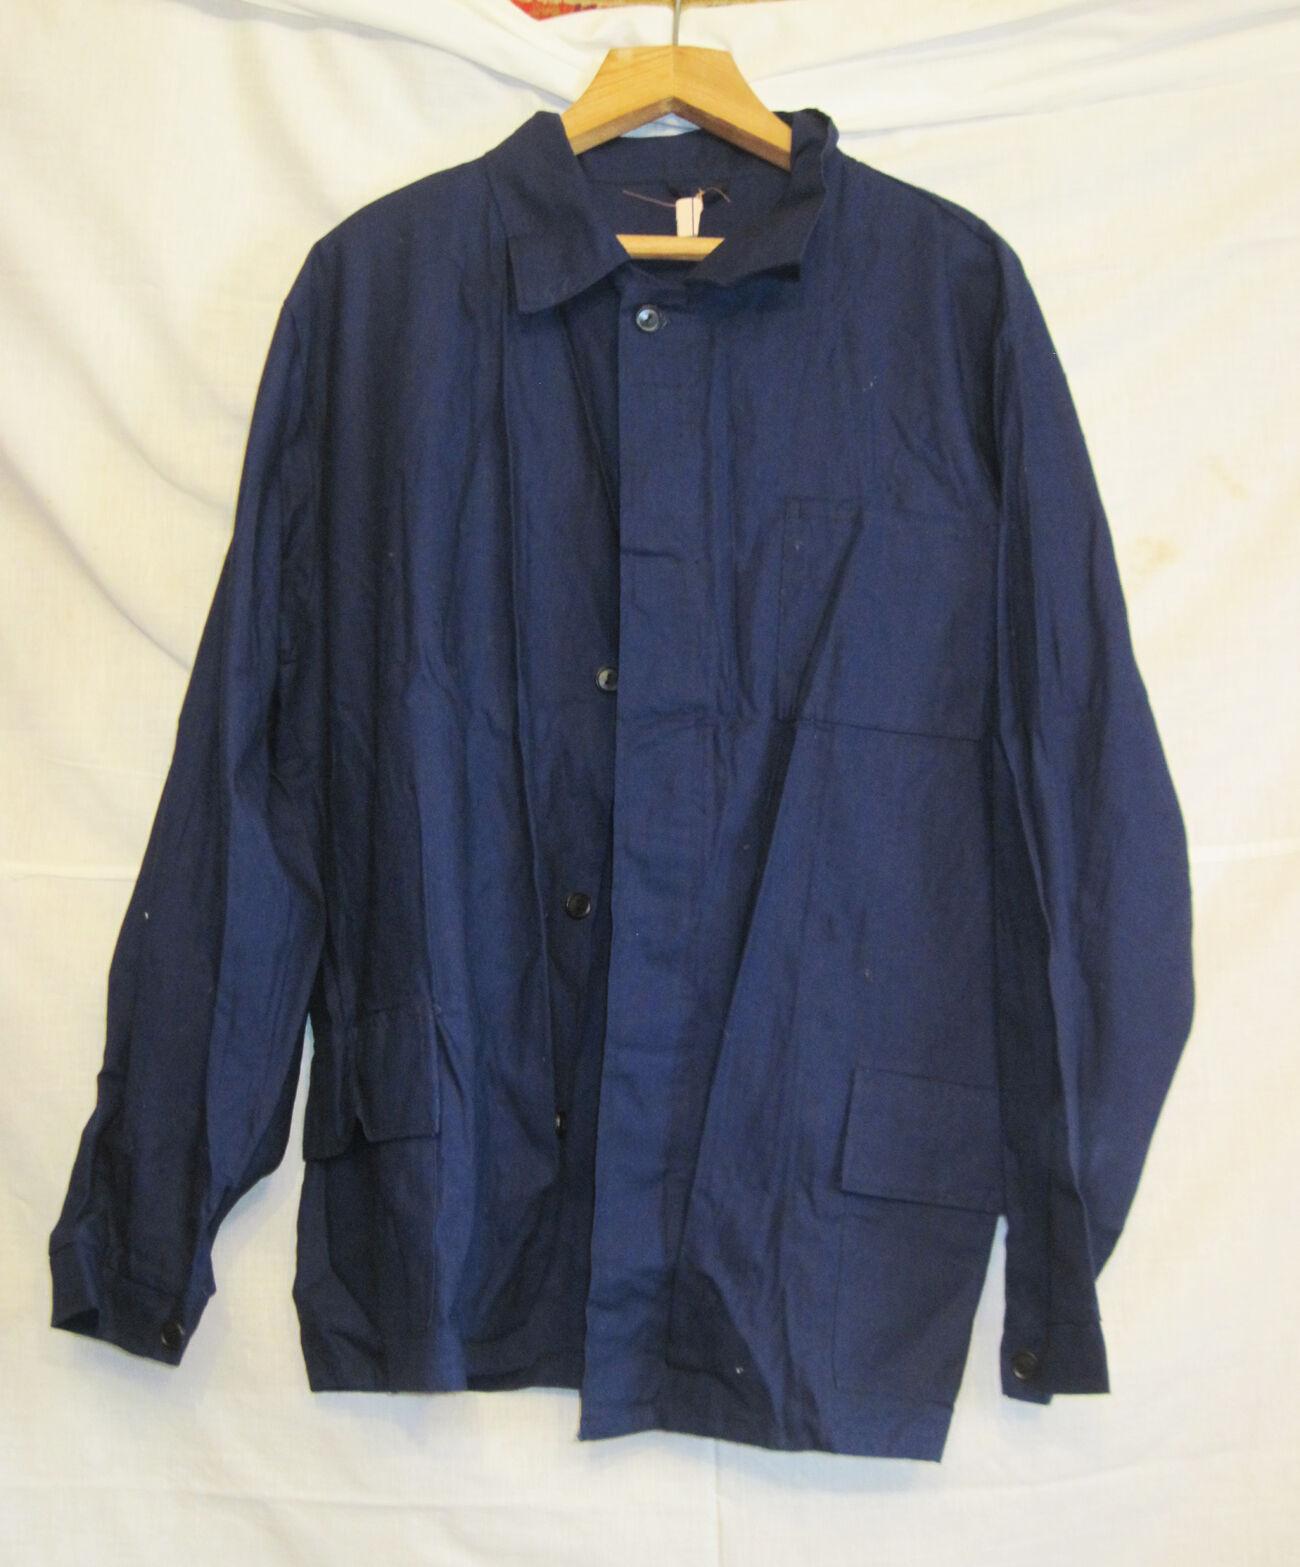 Комплект курка рабочая и брюки темно-синие мужской